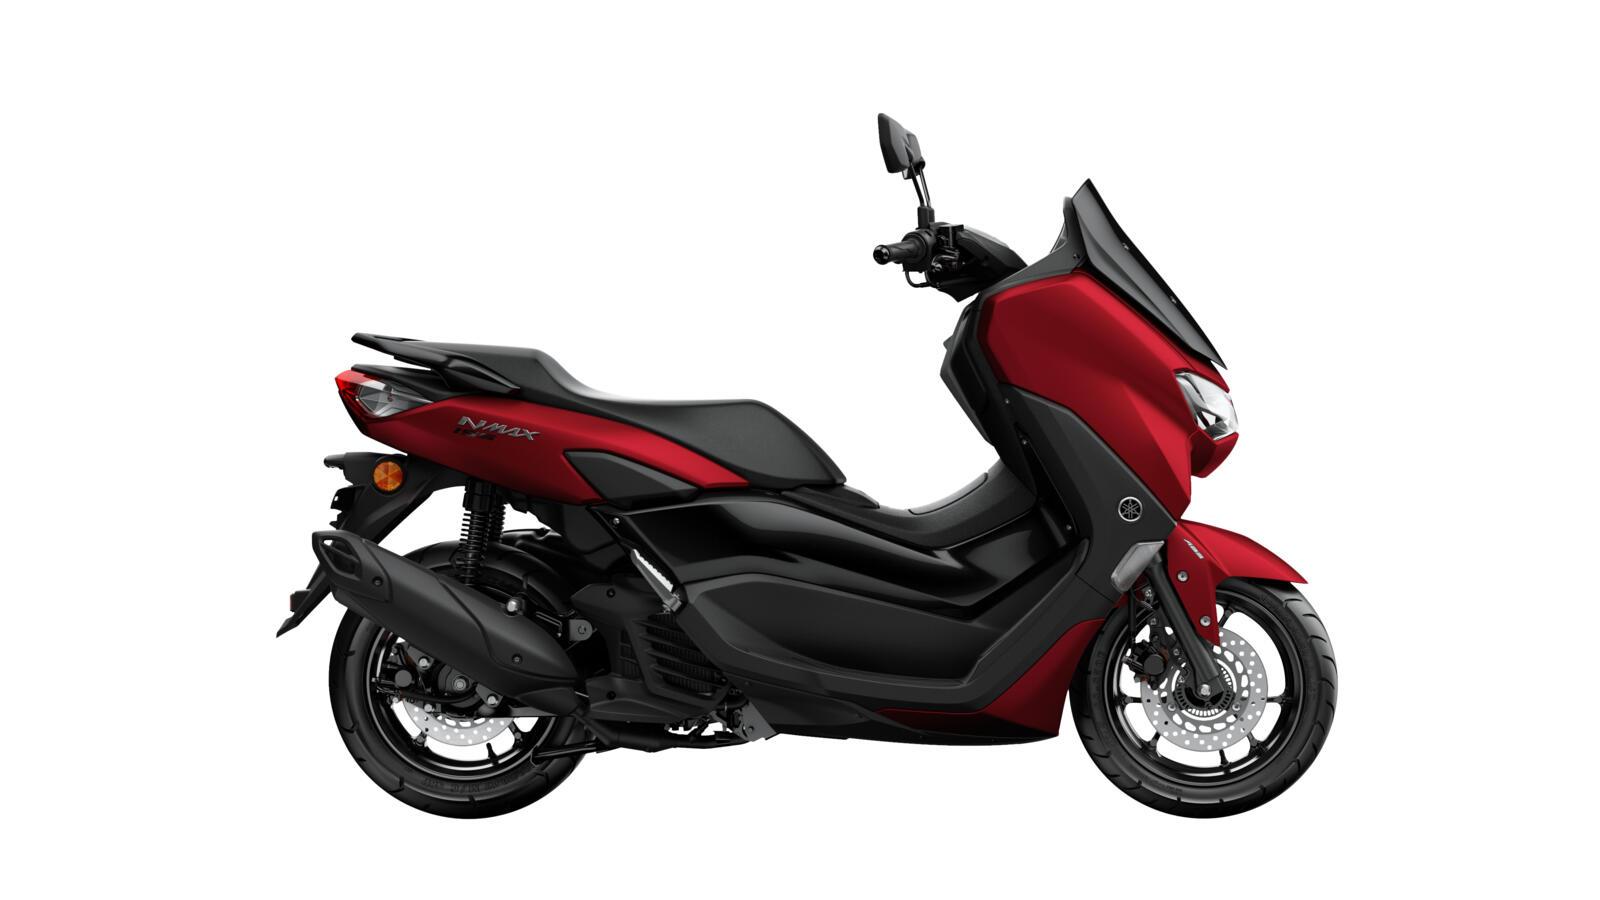 Yamaha NMAX 155 | Anodized